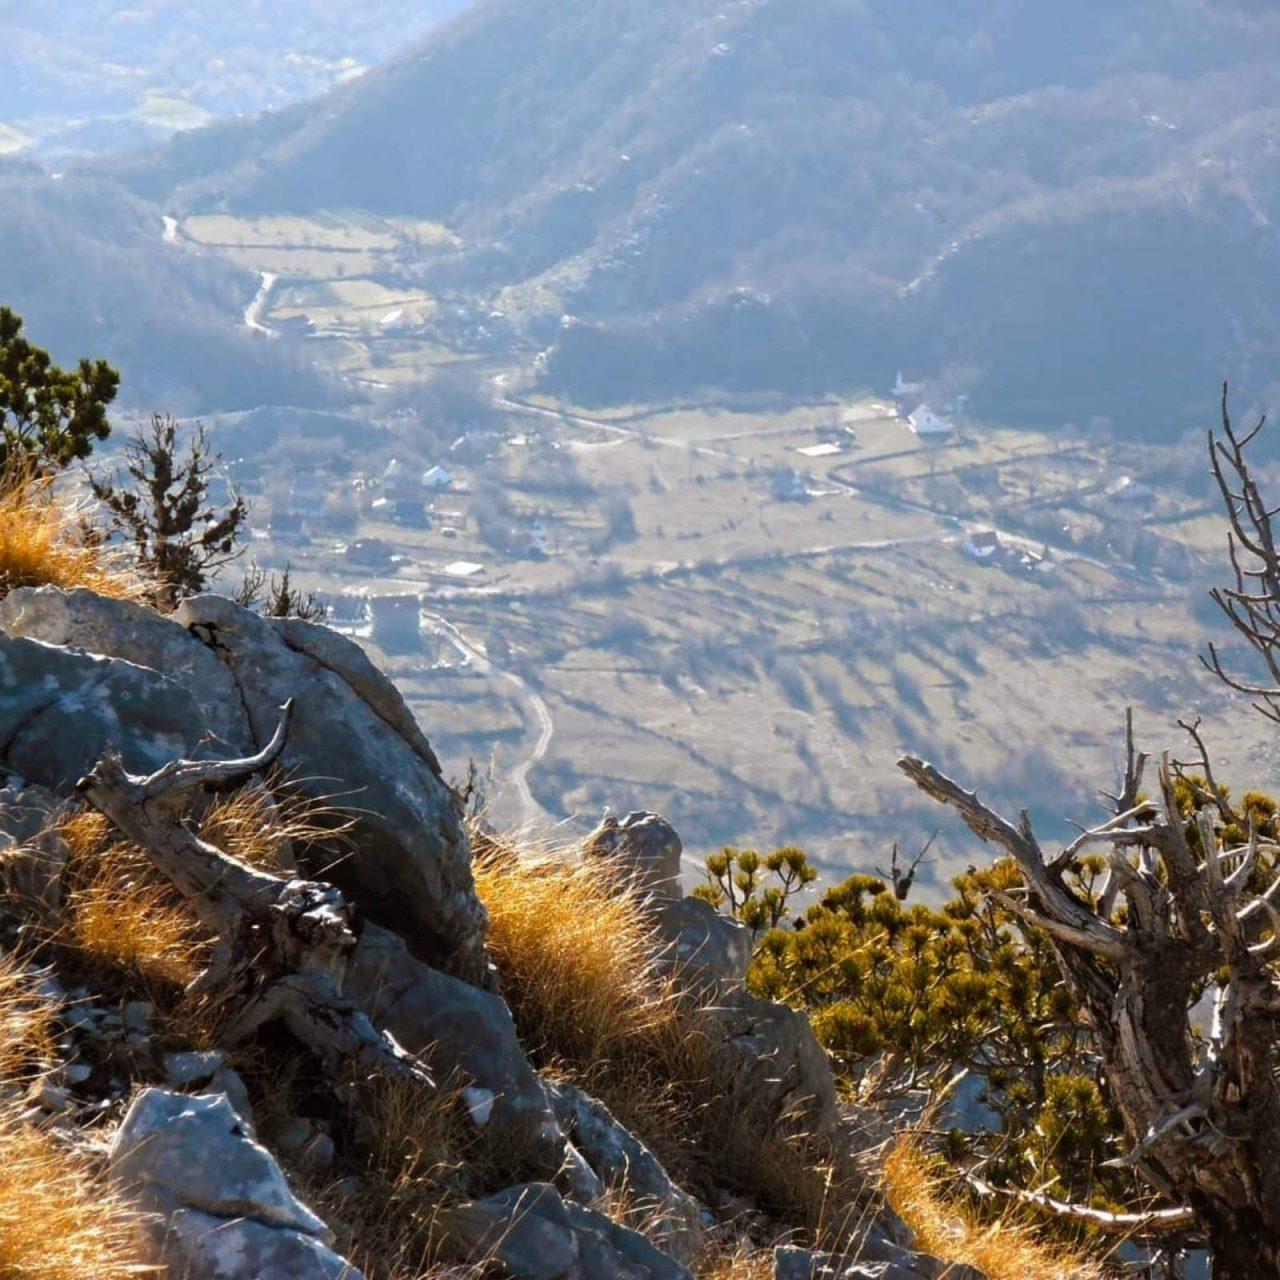 Međunarodni dan planina povod za akciju čišćenja na Vrbanju